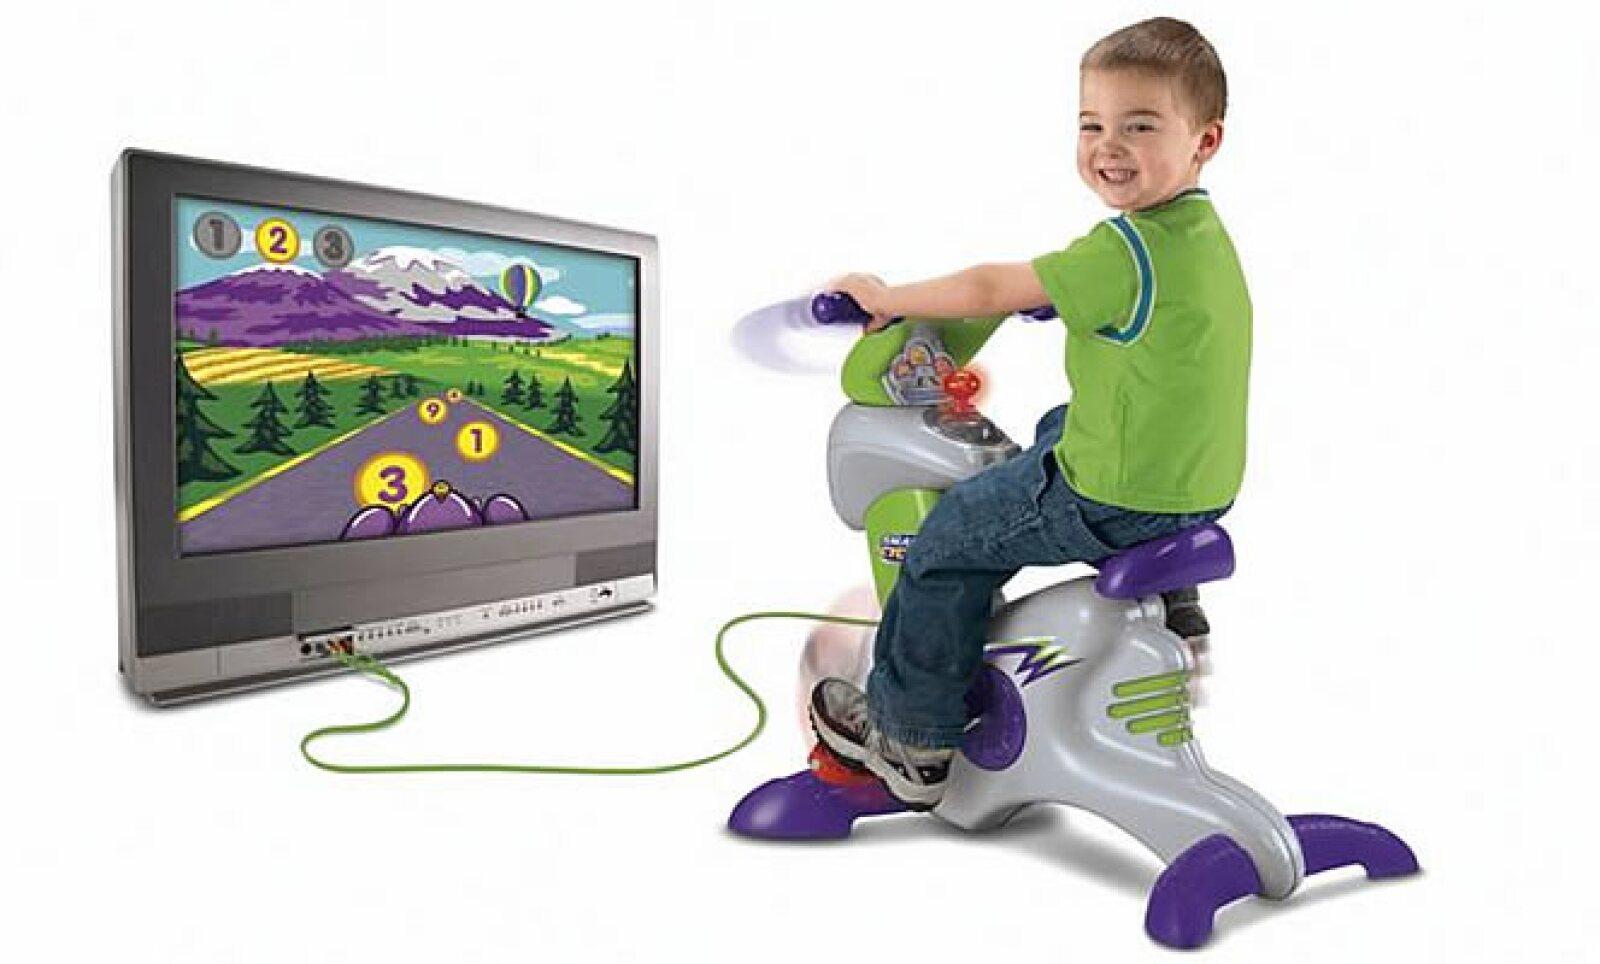 Mattel, el mayor fabricante de juguetes a nivel mundial ha decidido crear juguetes sanos. Arriba, una bicicleta que se sincroniza con un televisor y un videojuego.